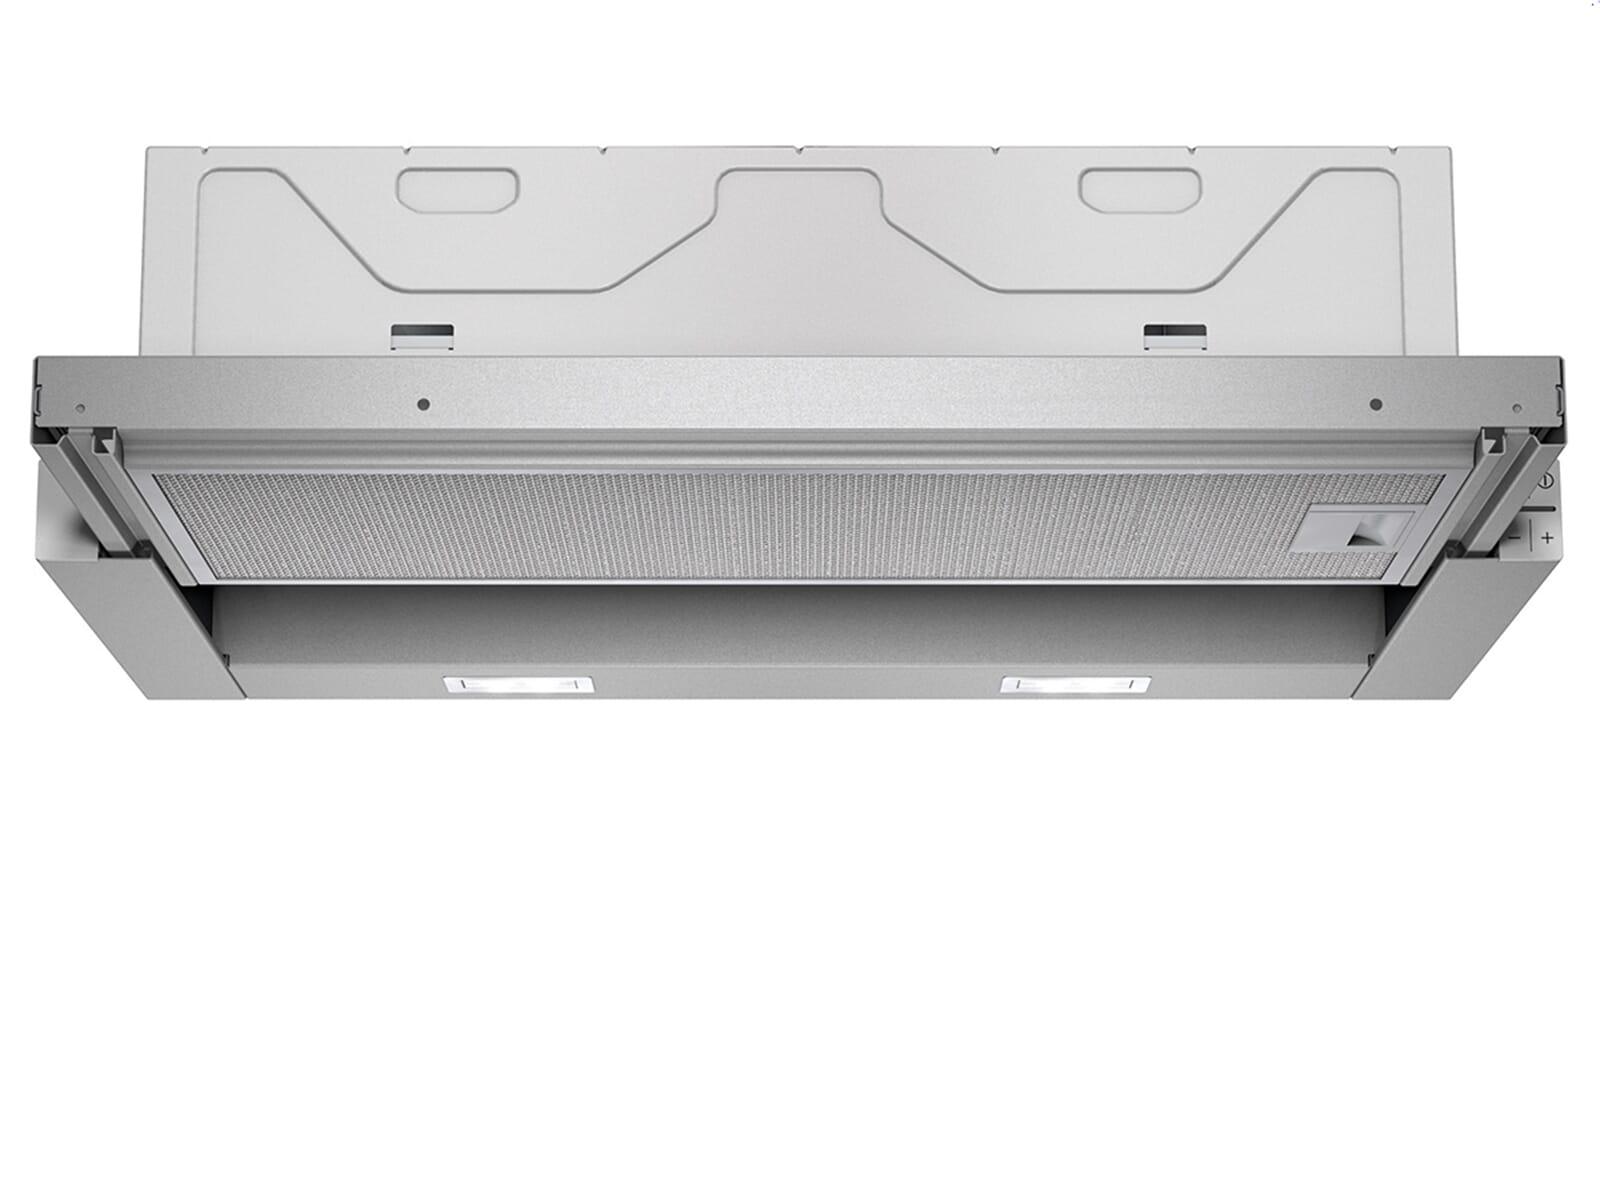 Siemens li64la530 flachschirm dunstabzugshaube for Siemens dunstabzugshaube